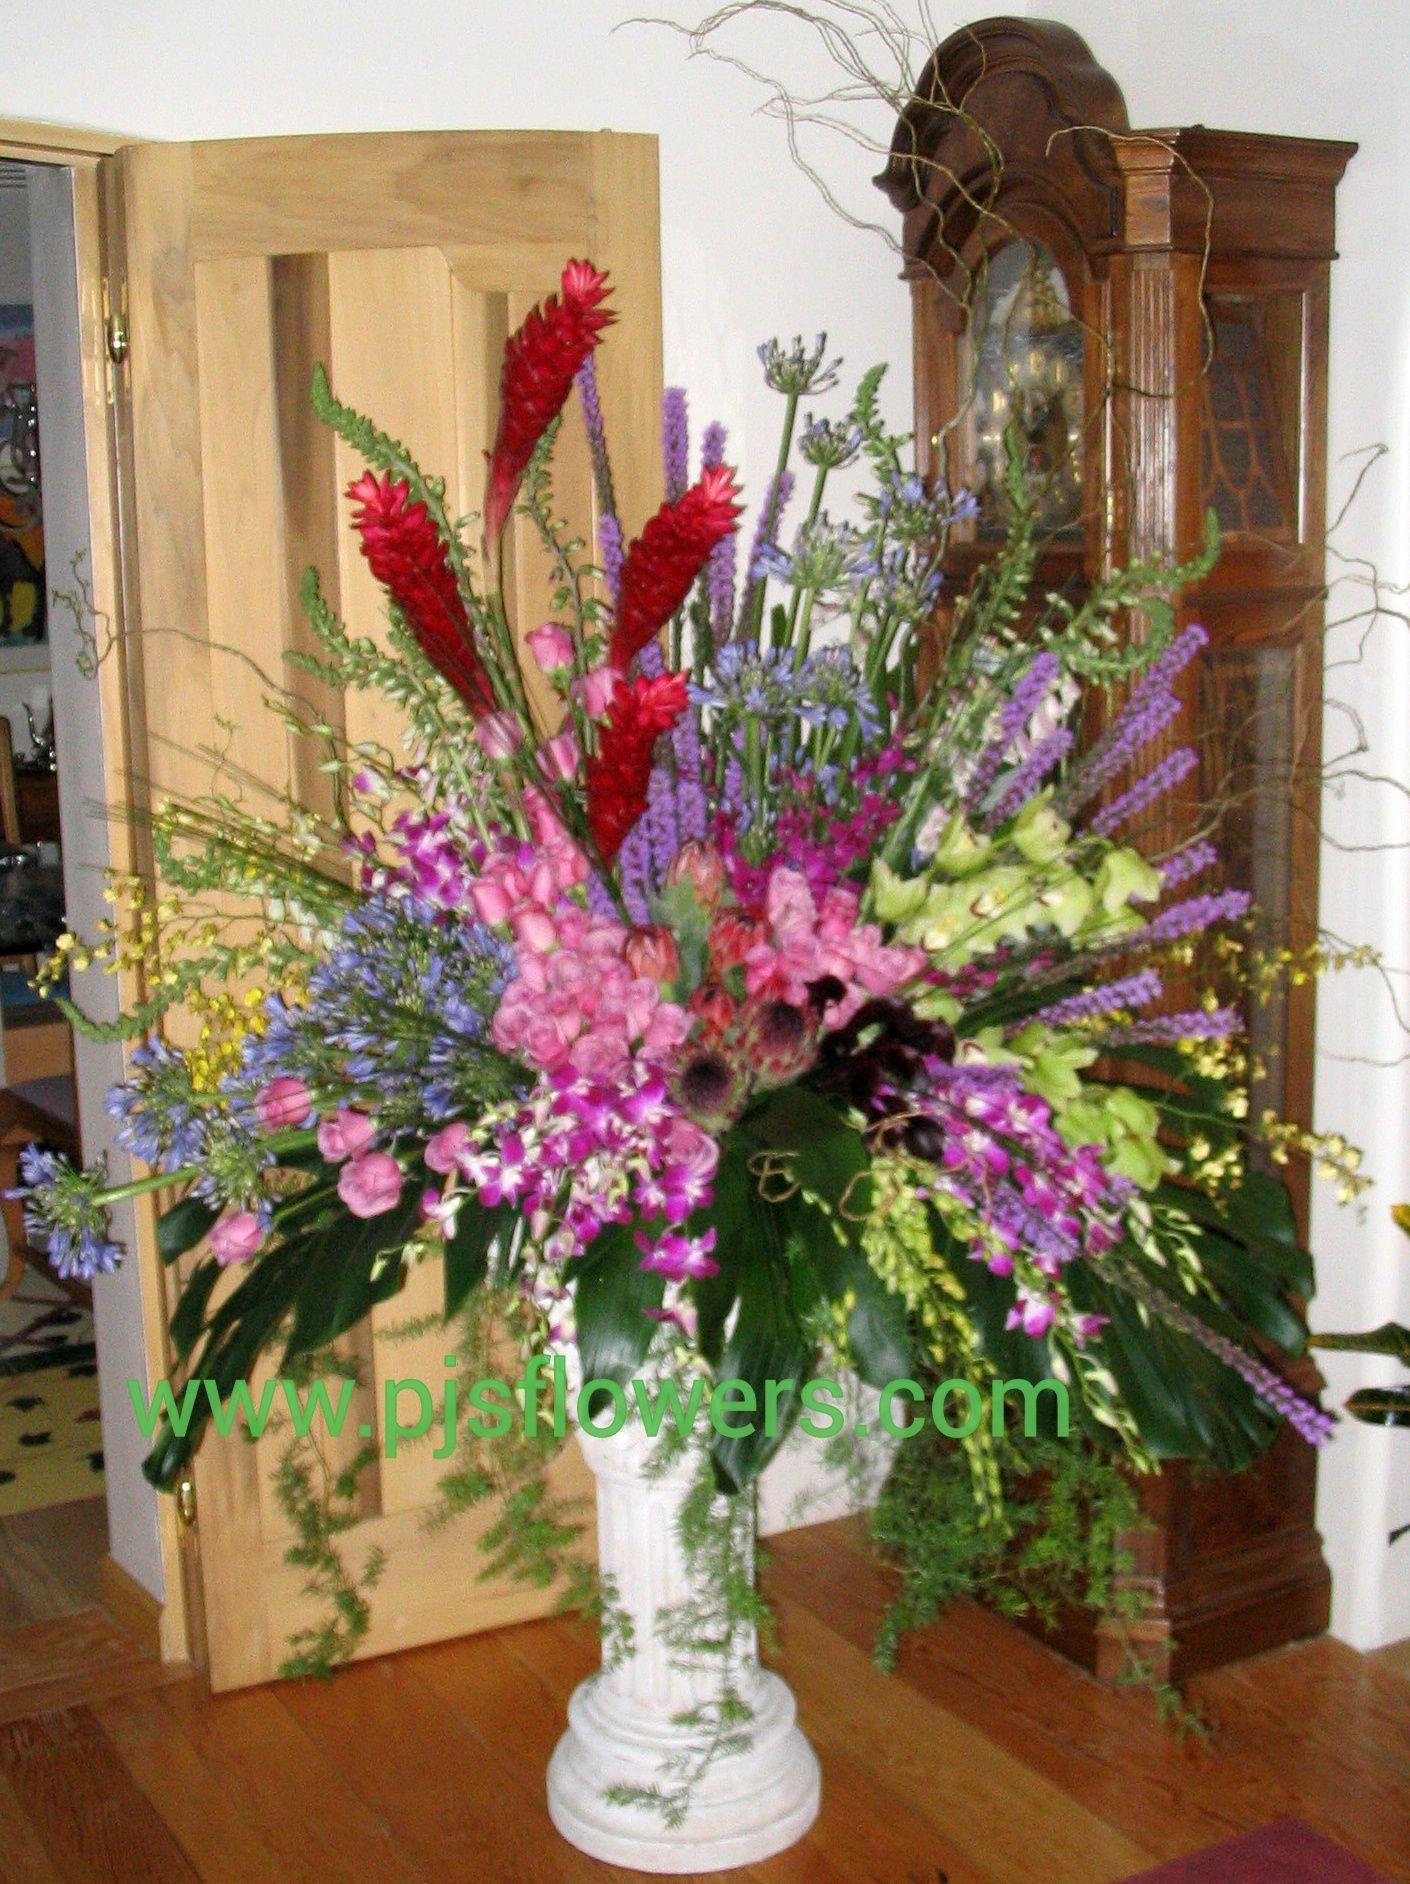 Award winning florist in phoenix pjs flower shop with